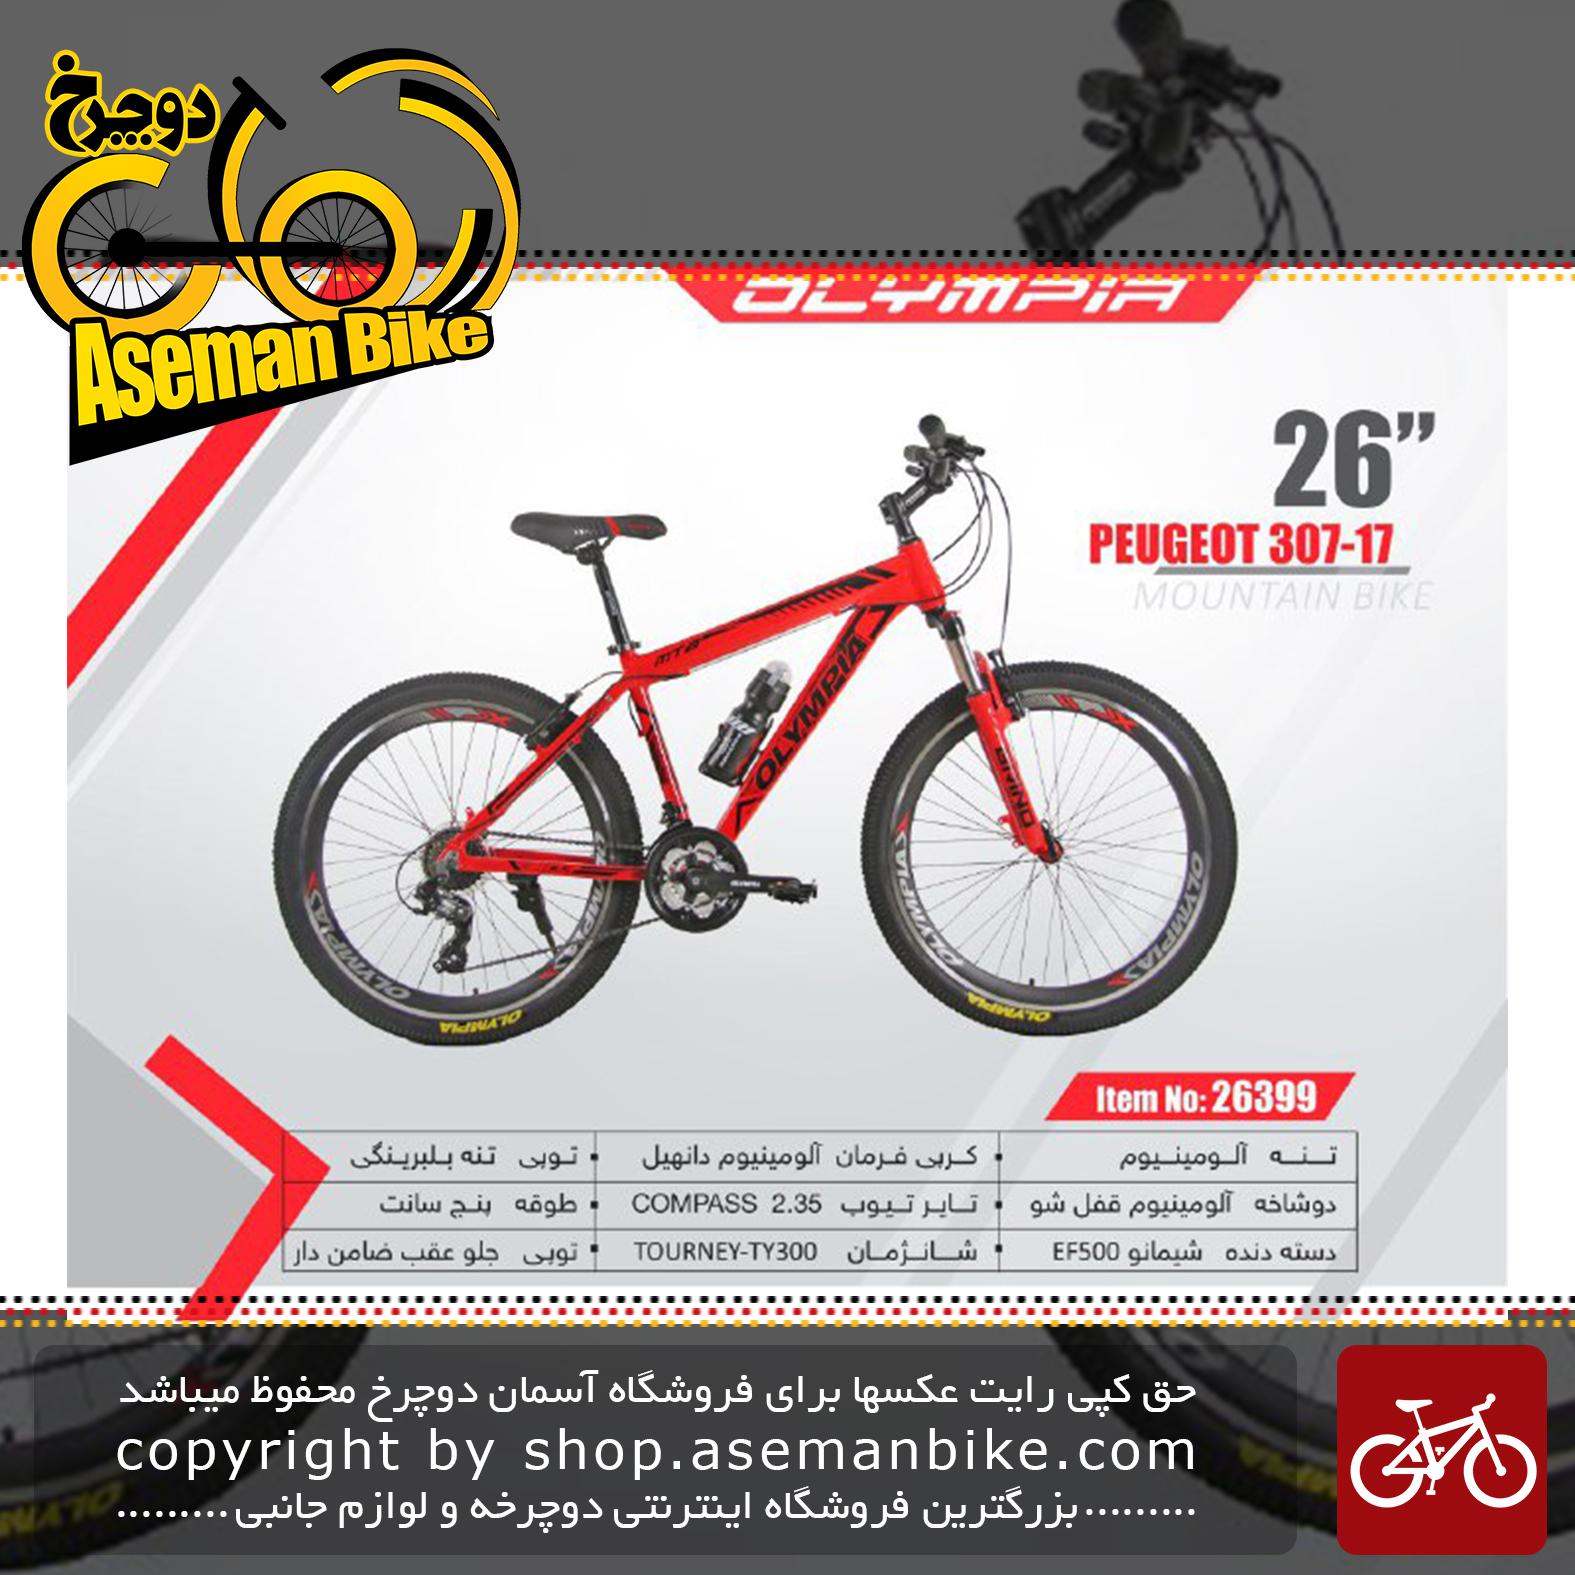 دوچرخه کوهستان المپیا سایز 26مدل پژو 307 17 OLYMPIA SIZE 26 PEUGEOT 307 17